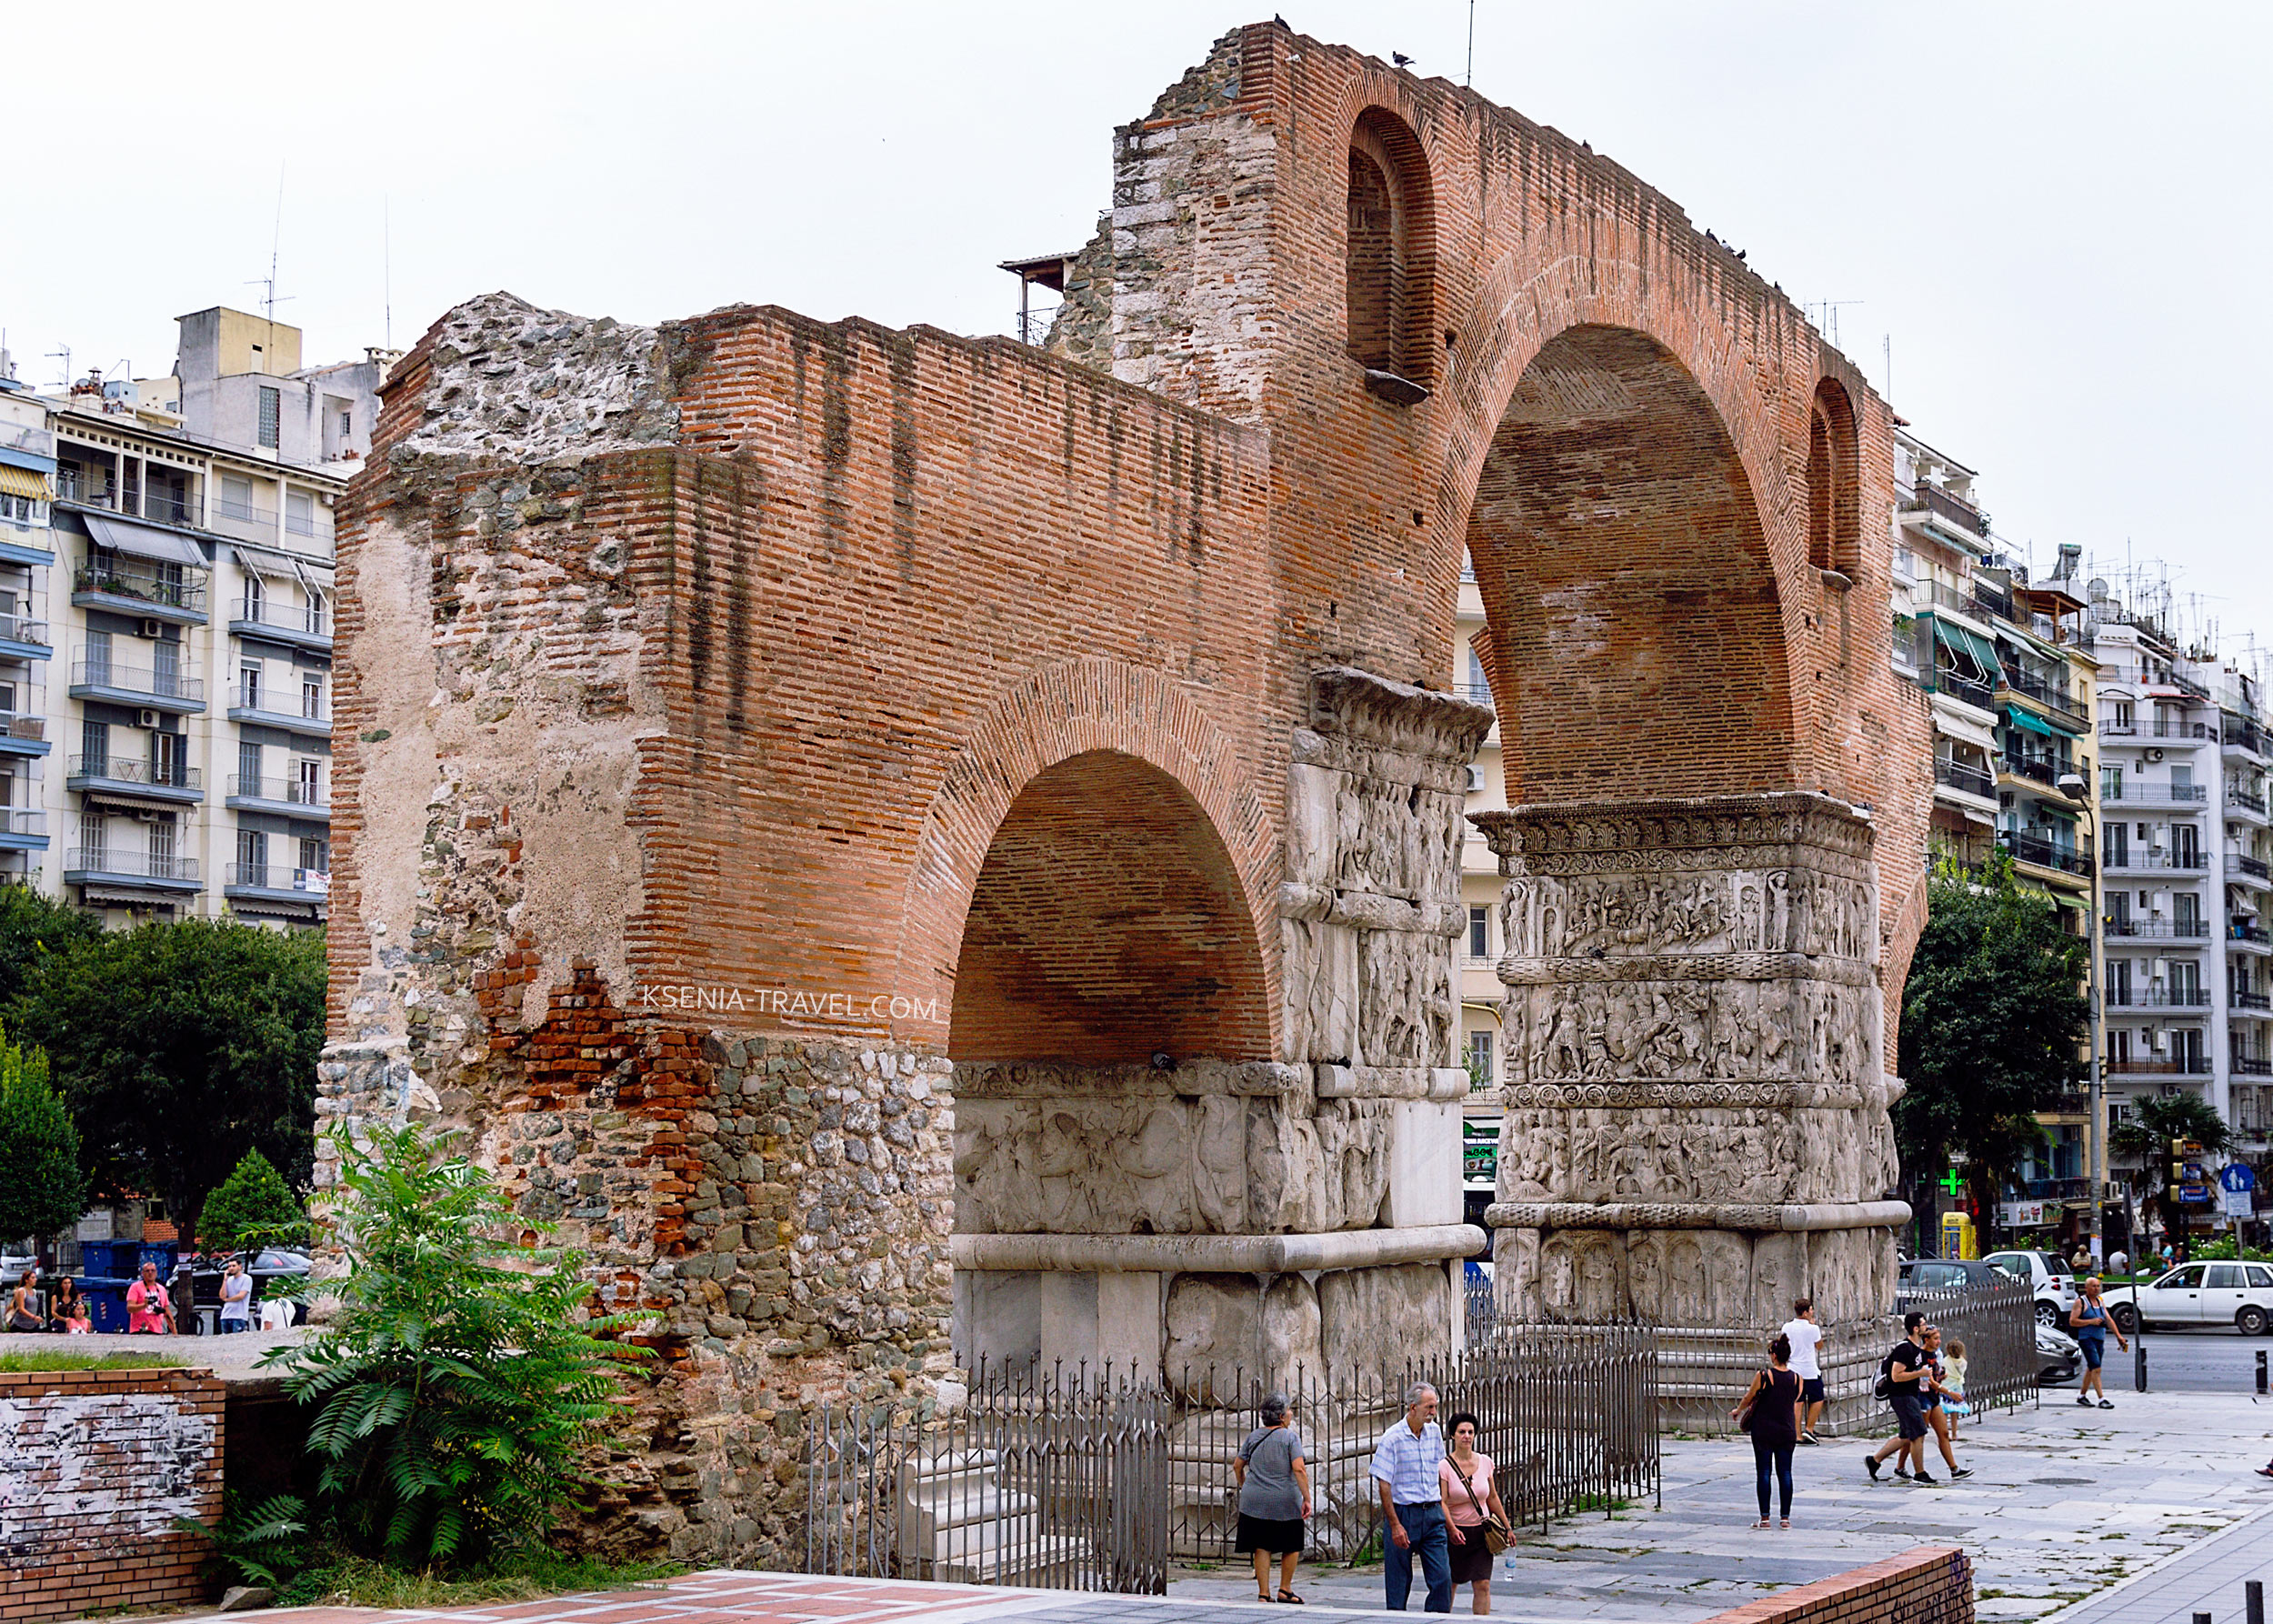 триумфальная арка императора Галерия, Греция